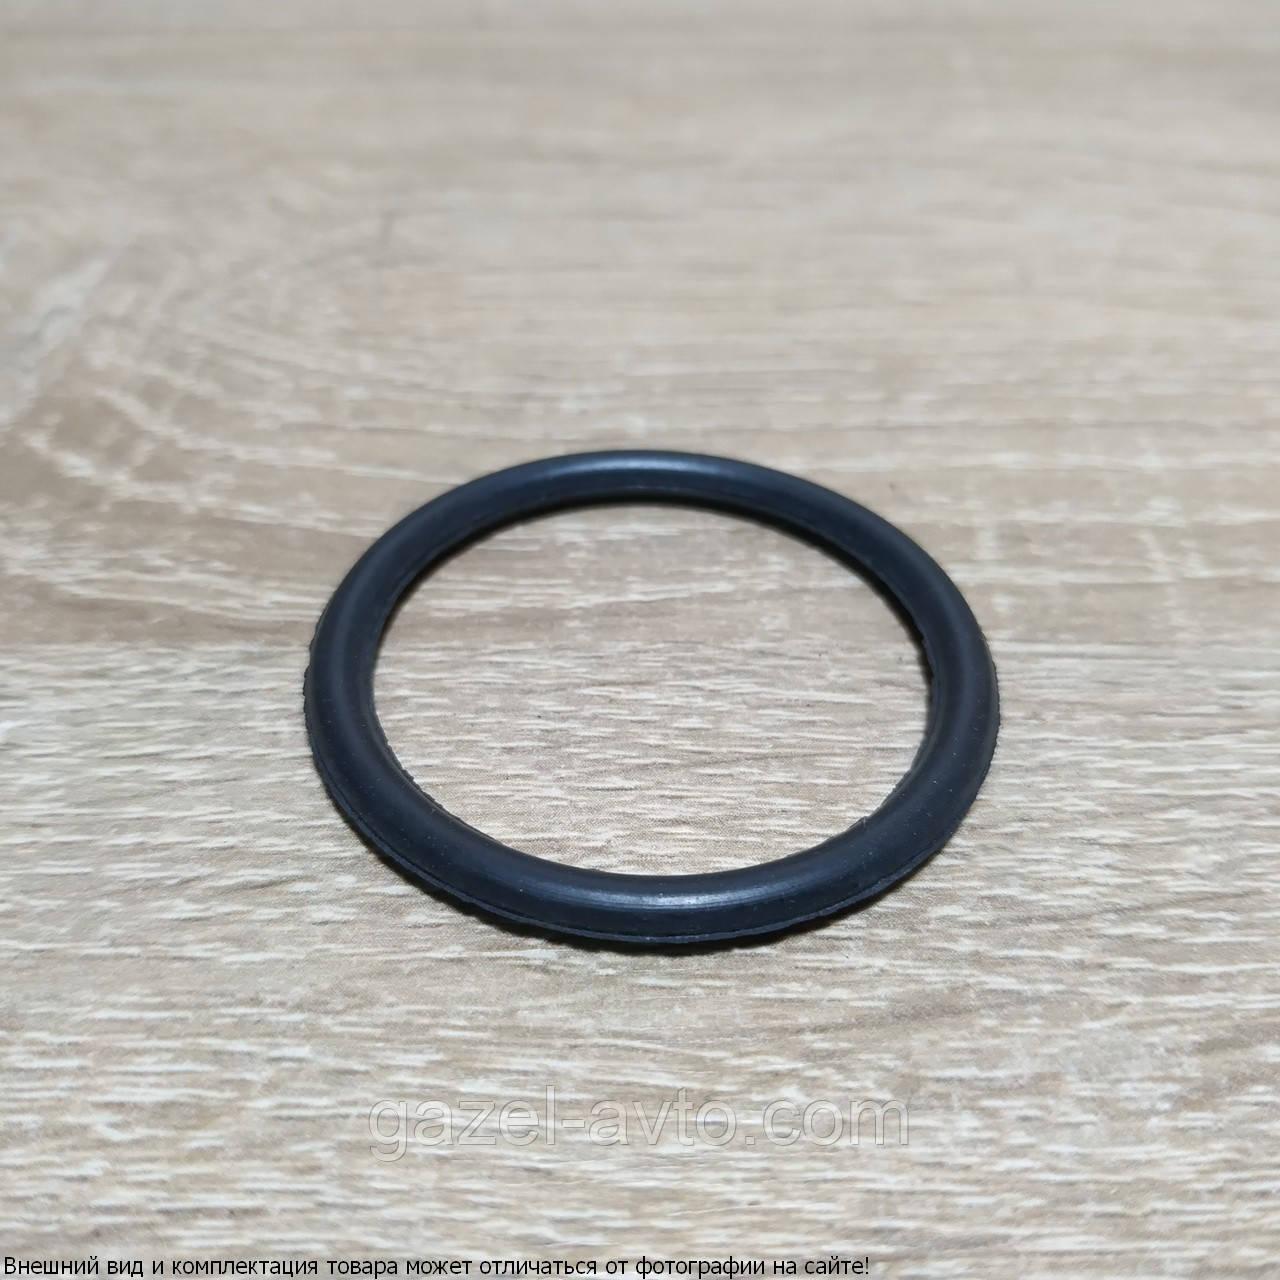 Кольцо уплотнительное (манжет) коленвала 406, 405 409 передний РТИ Волга Газель Соболь